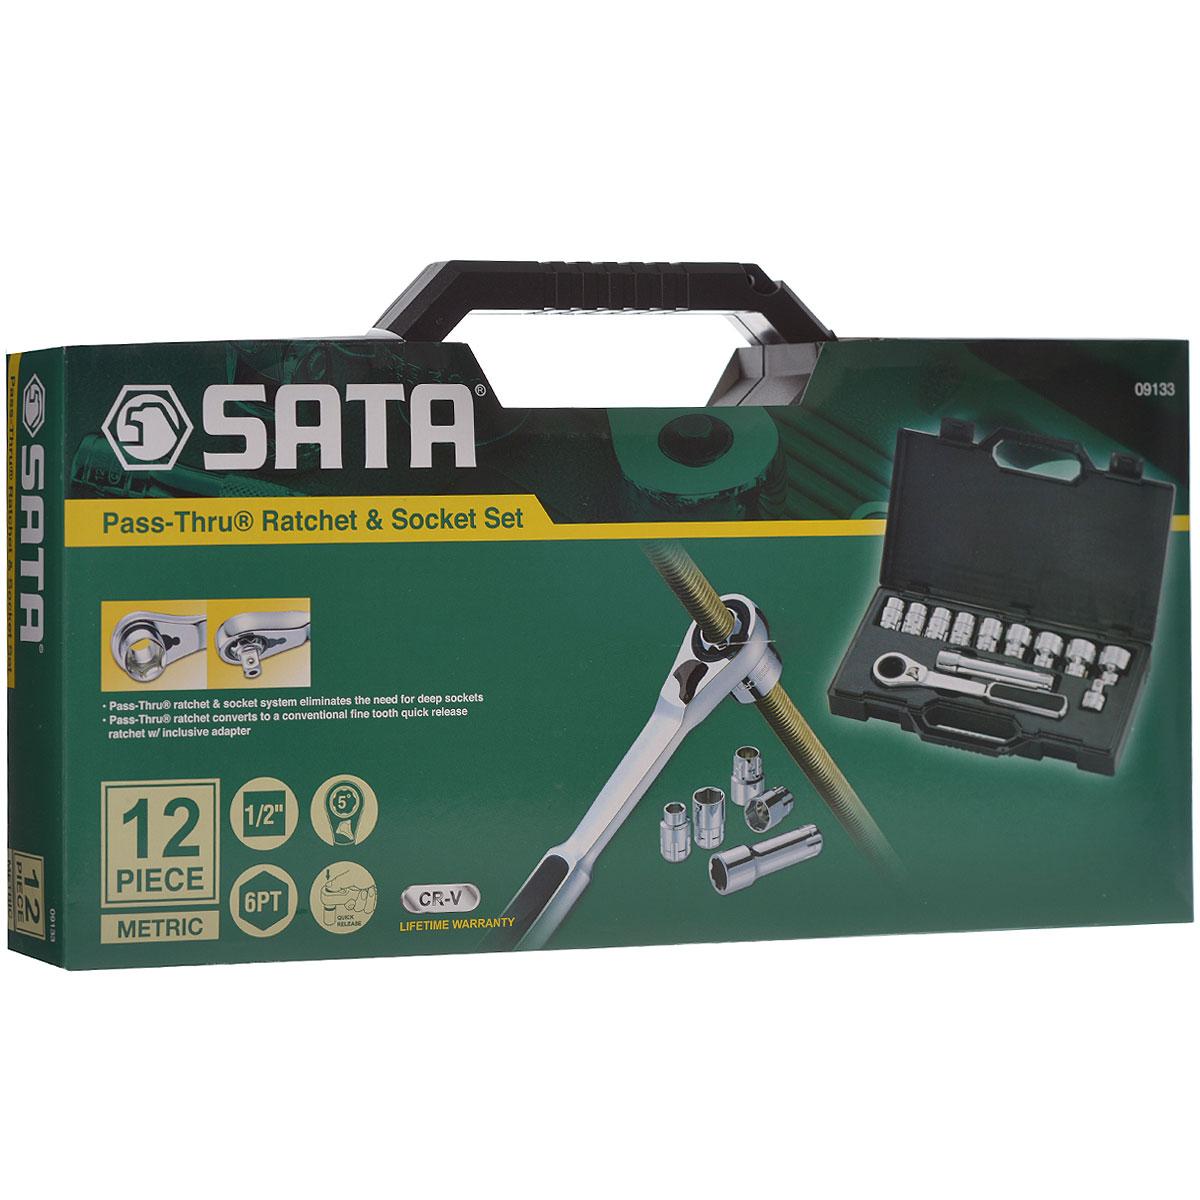 Набор торцевых головок SATA 12пр. 09133 набор инструментов sata 53пр для электротехнических работ 09535